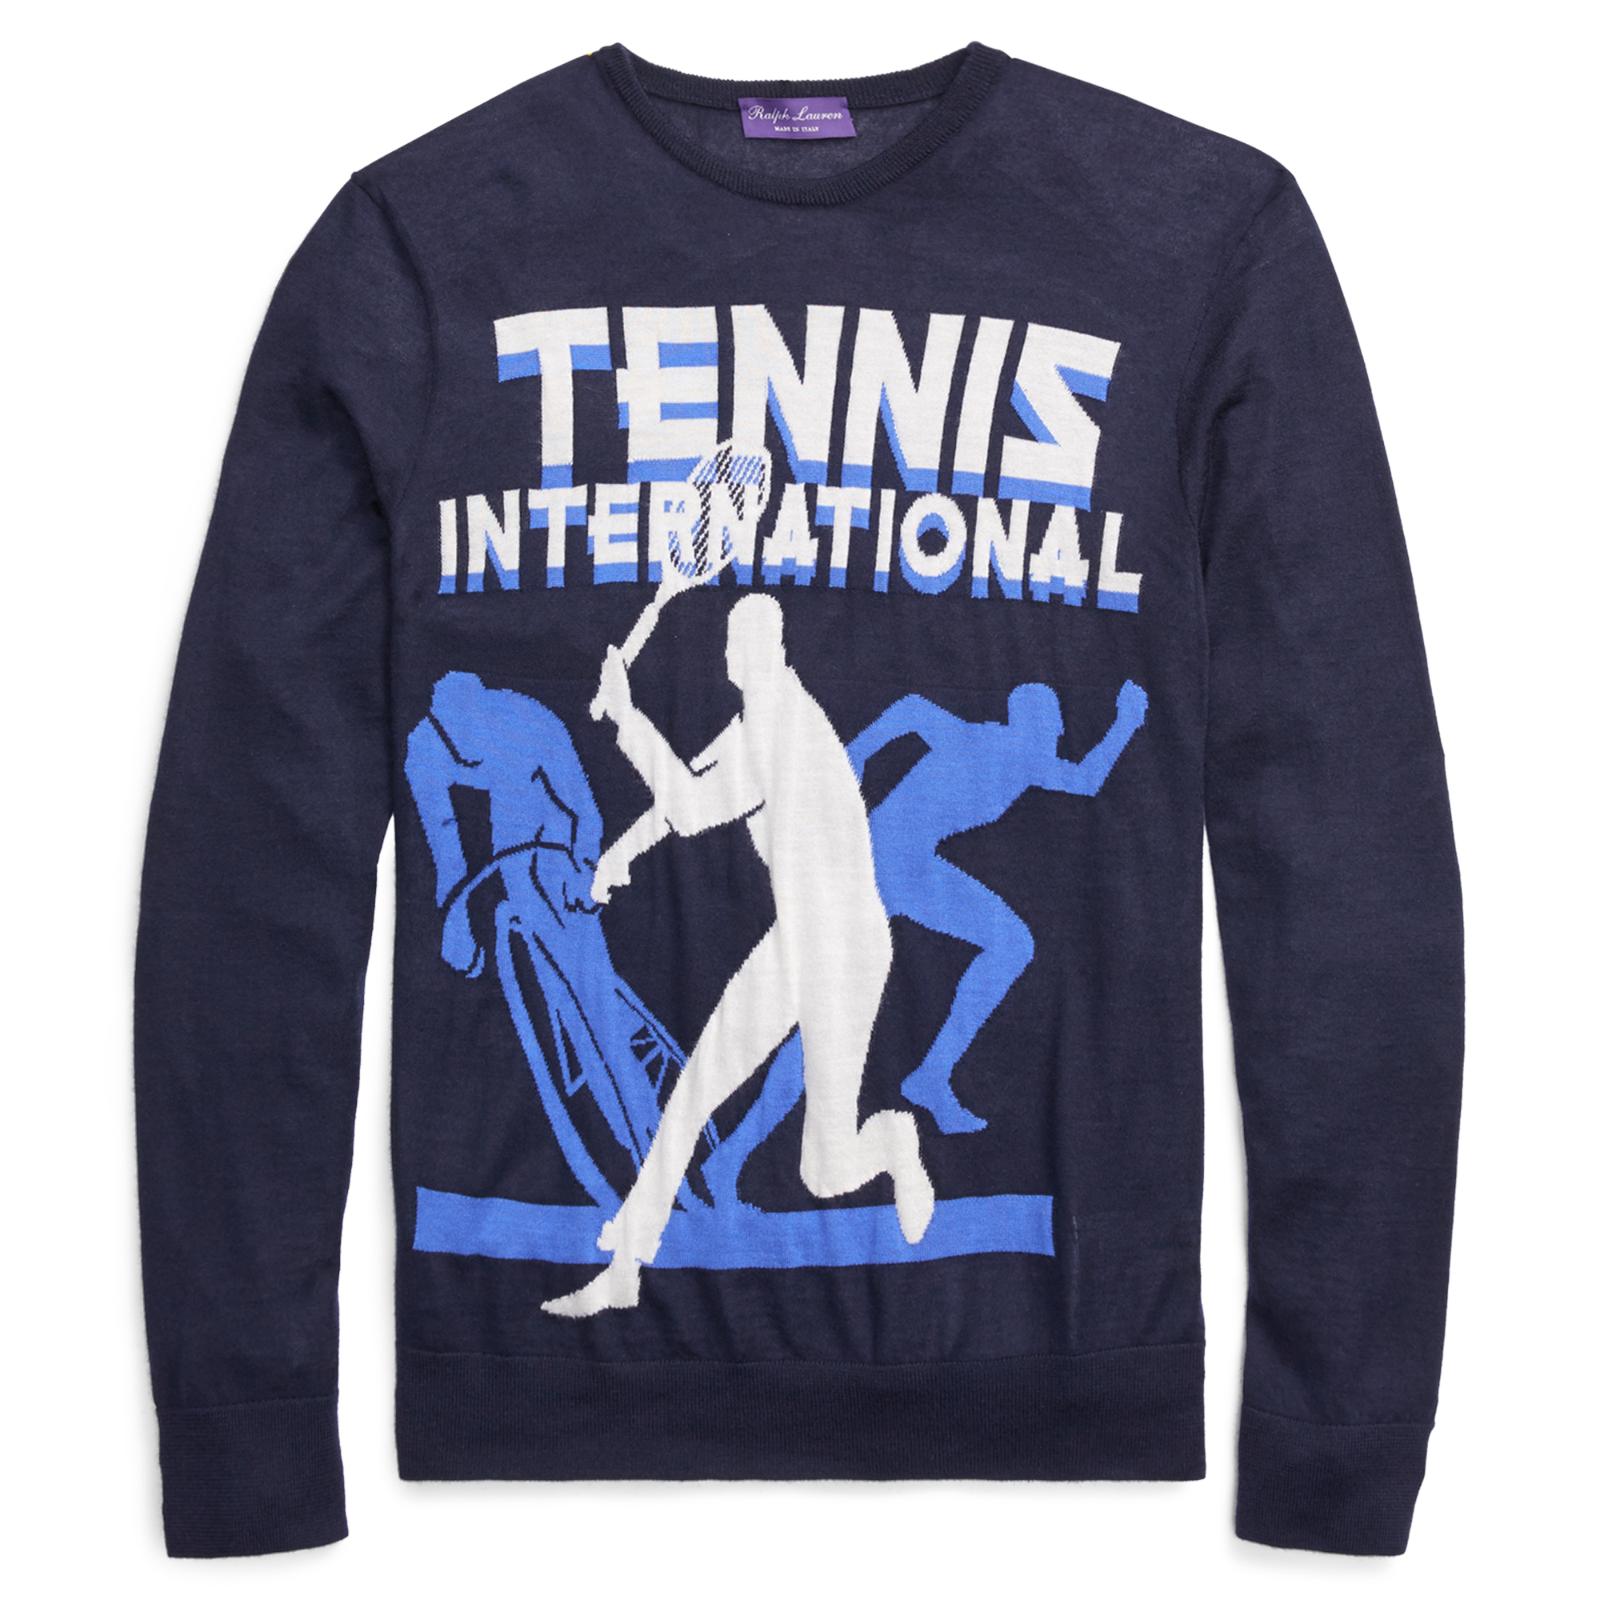 1,295 Ralph Lauren lila Label Wimbledon Knit Cashmere Tennis Cycling Sweater